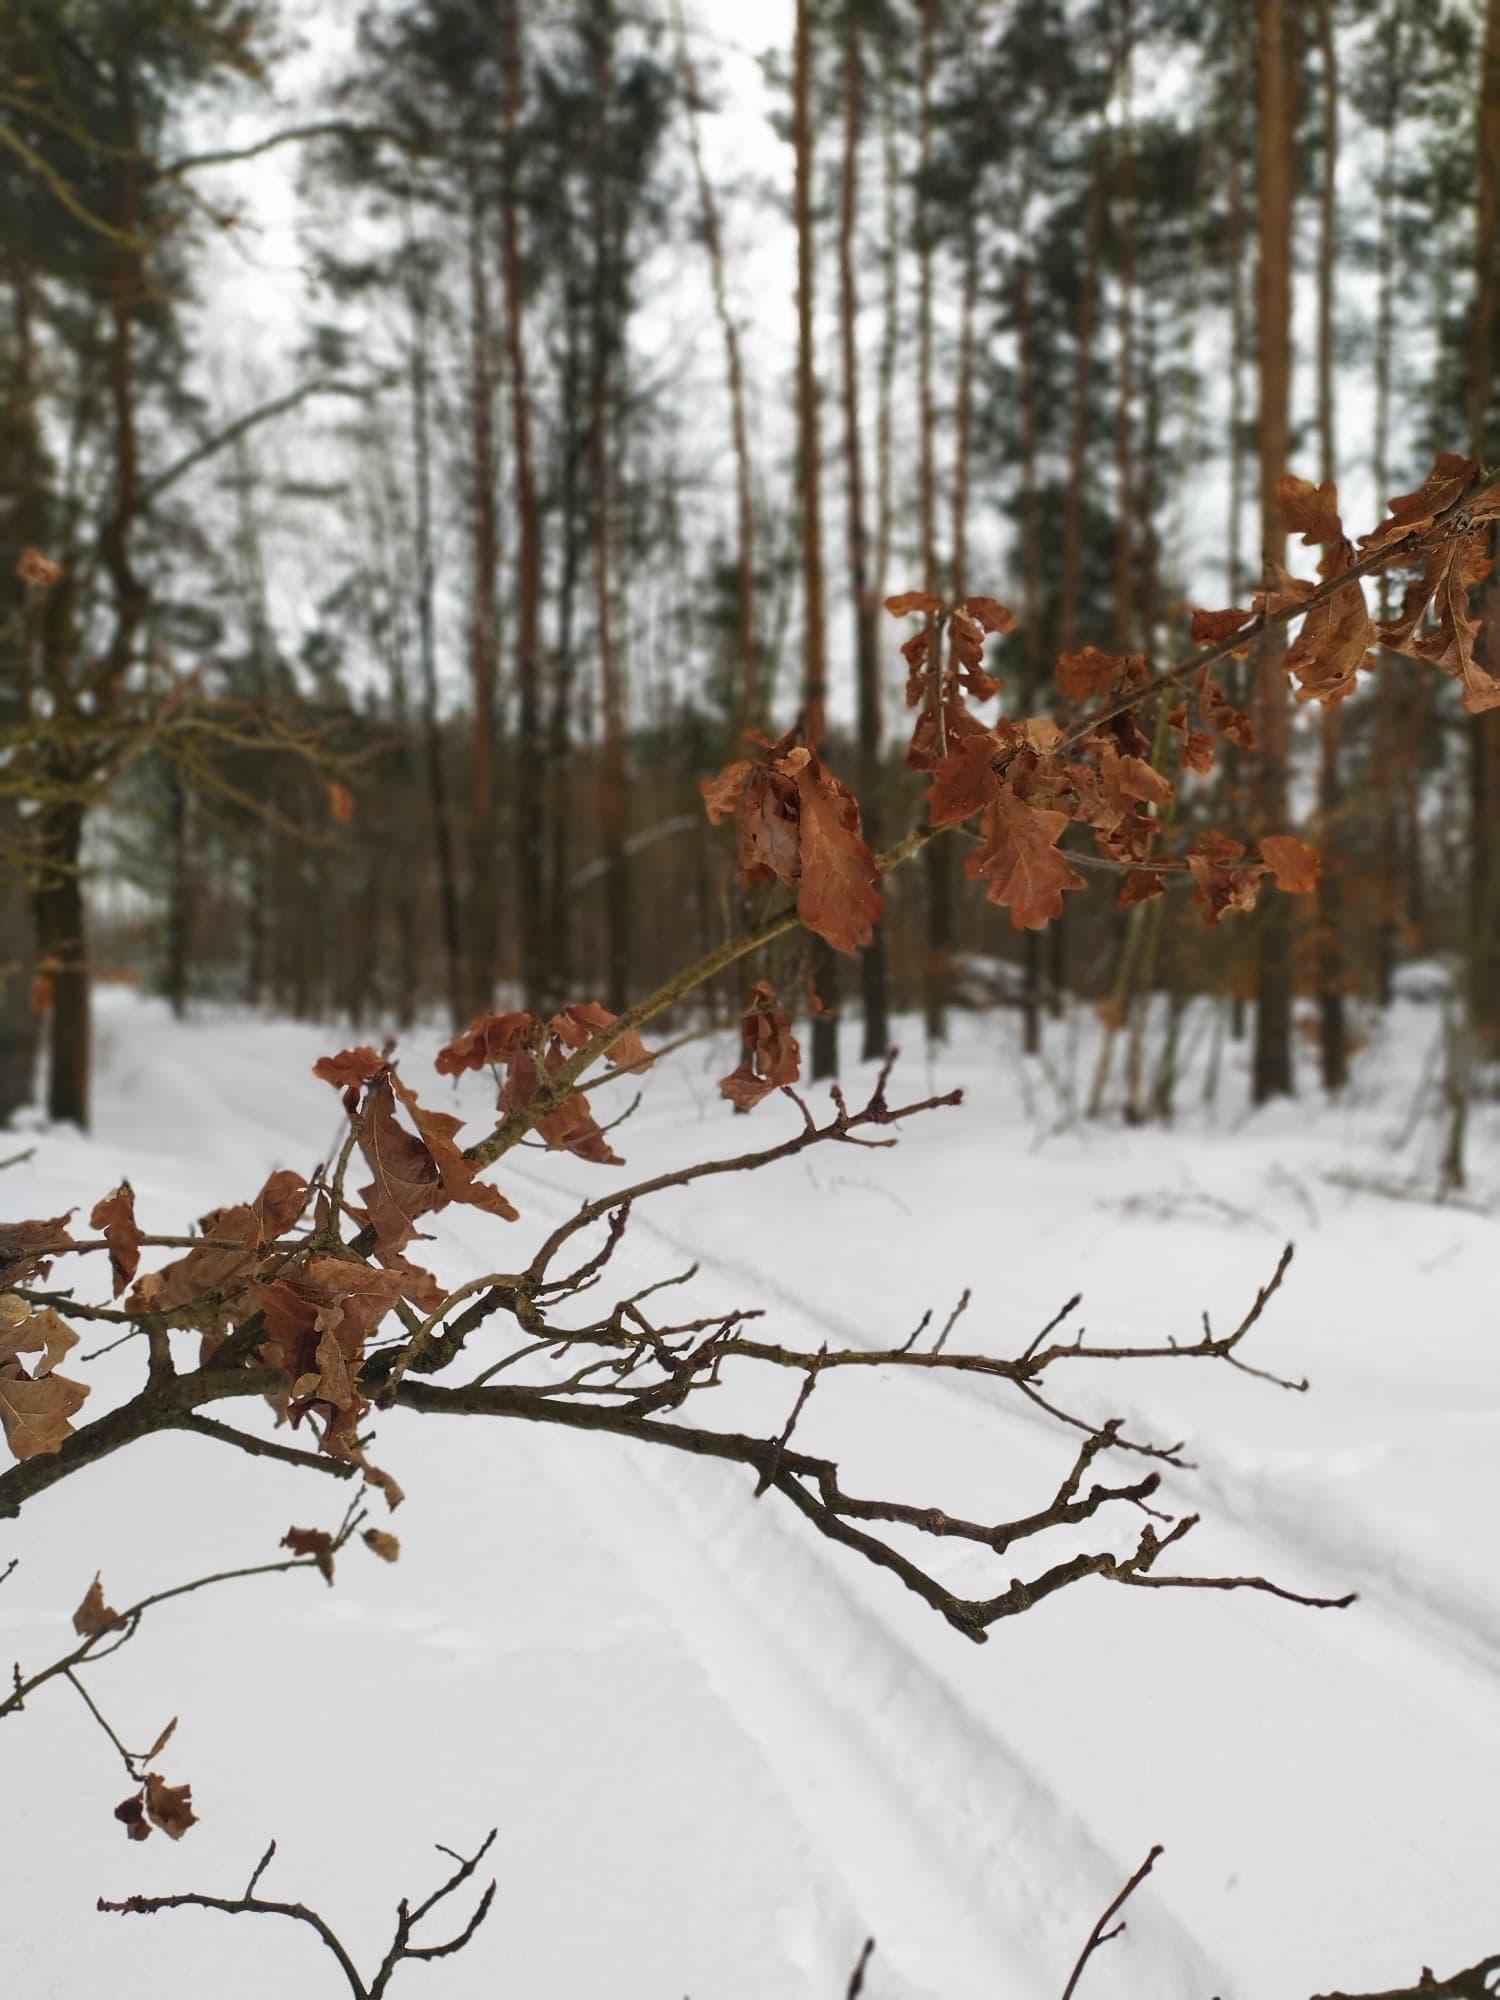 Piękny zimowy klimat w lesie [ZDJĘCIA, NAGRANIE] - Zdjęcie główne